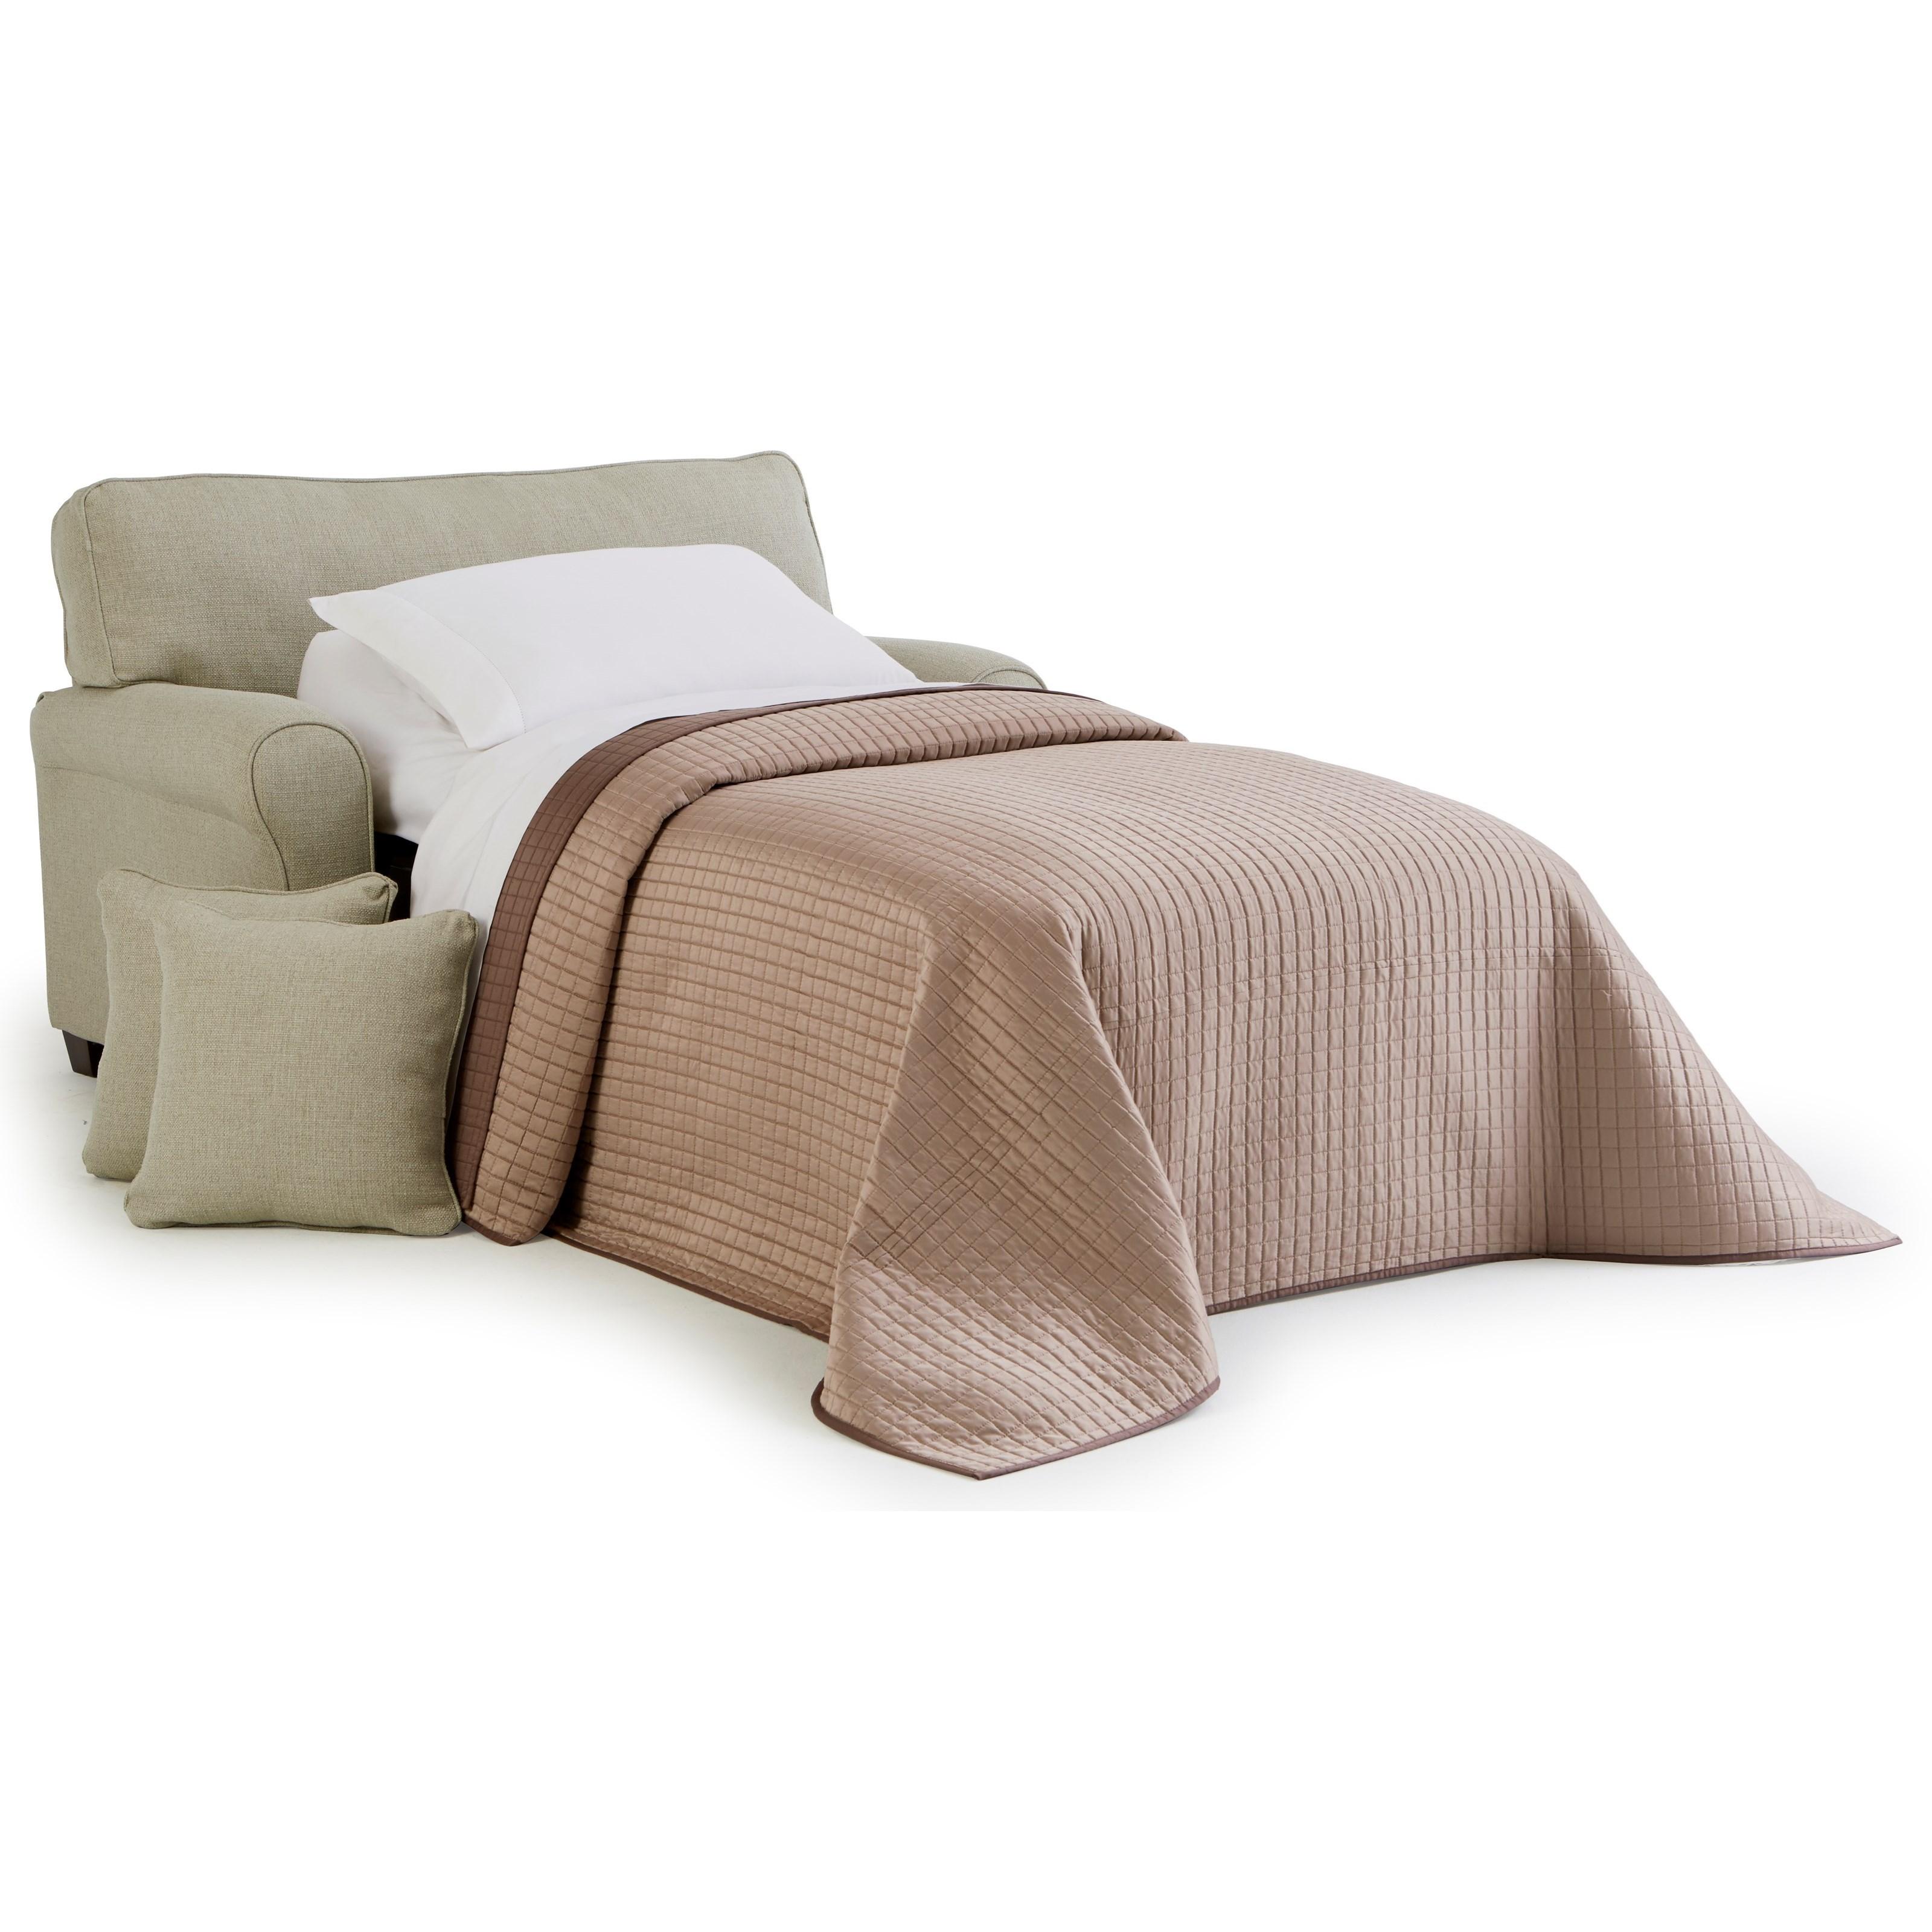 Best Home Furnishings Shannon Twin Sofa Sleeper